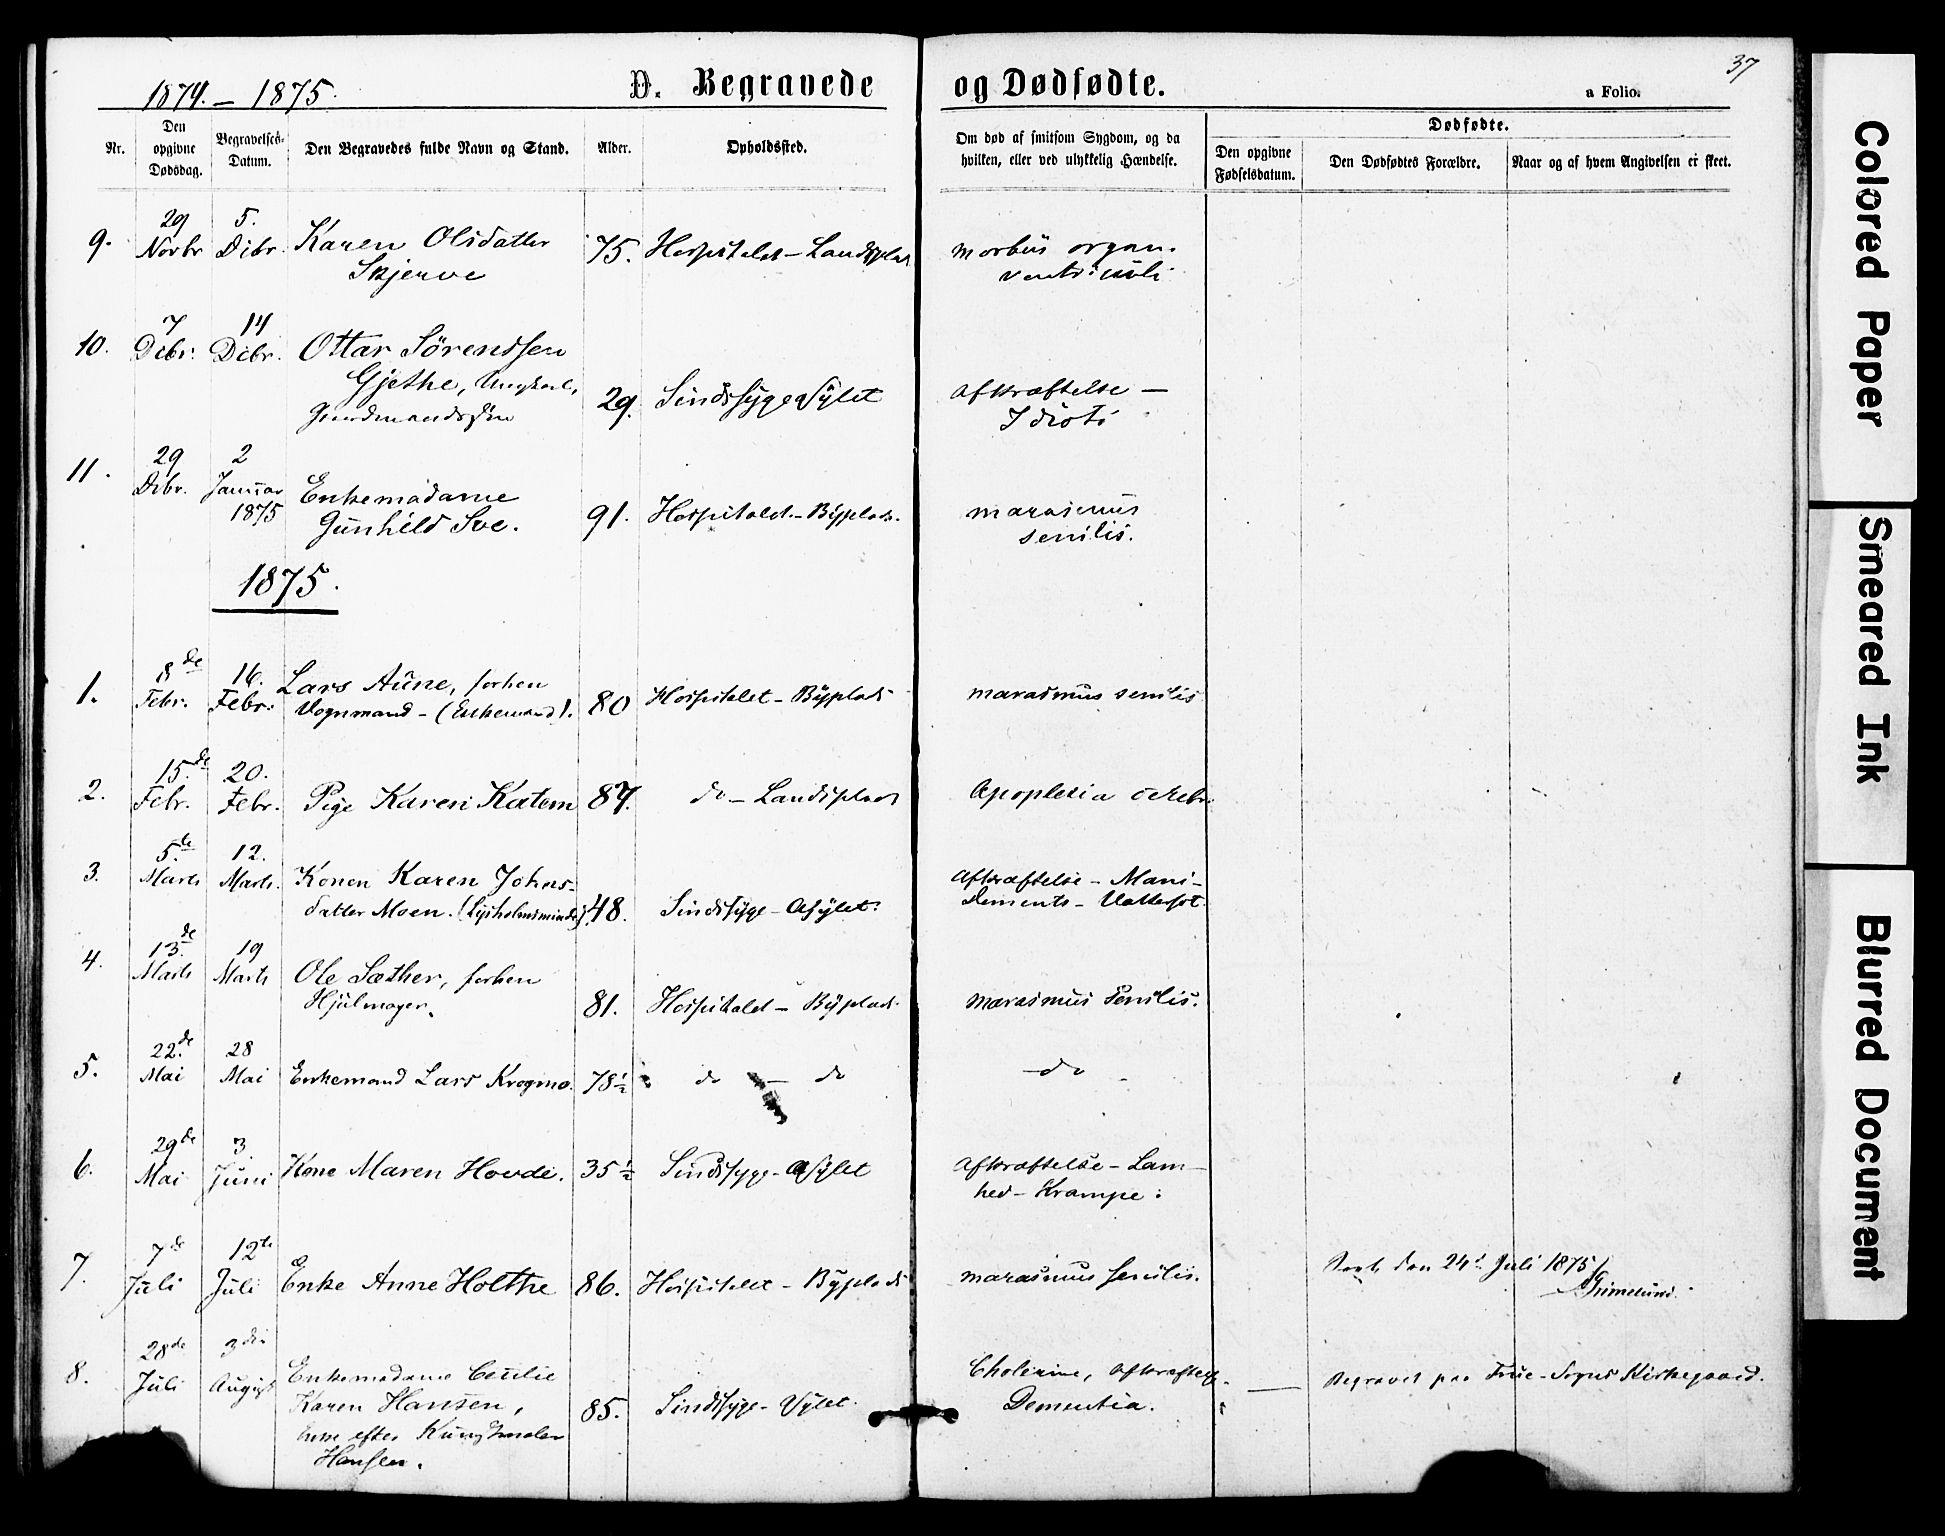 SAT, Ministerialprotokoller, klokkerbøker og fødselsregistre - Sør-Trøndelag, 623/L0469: Ministerialbok nr. 623A03, 1868-1883, s. 37